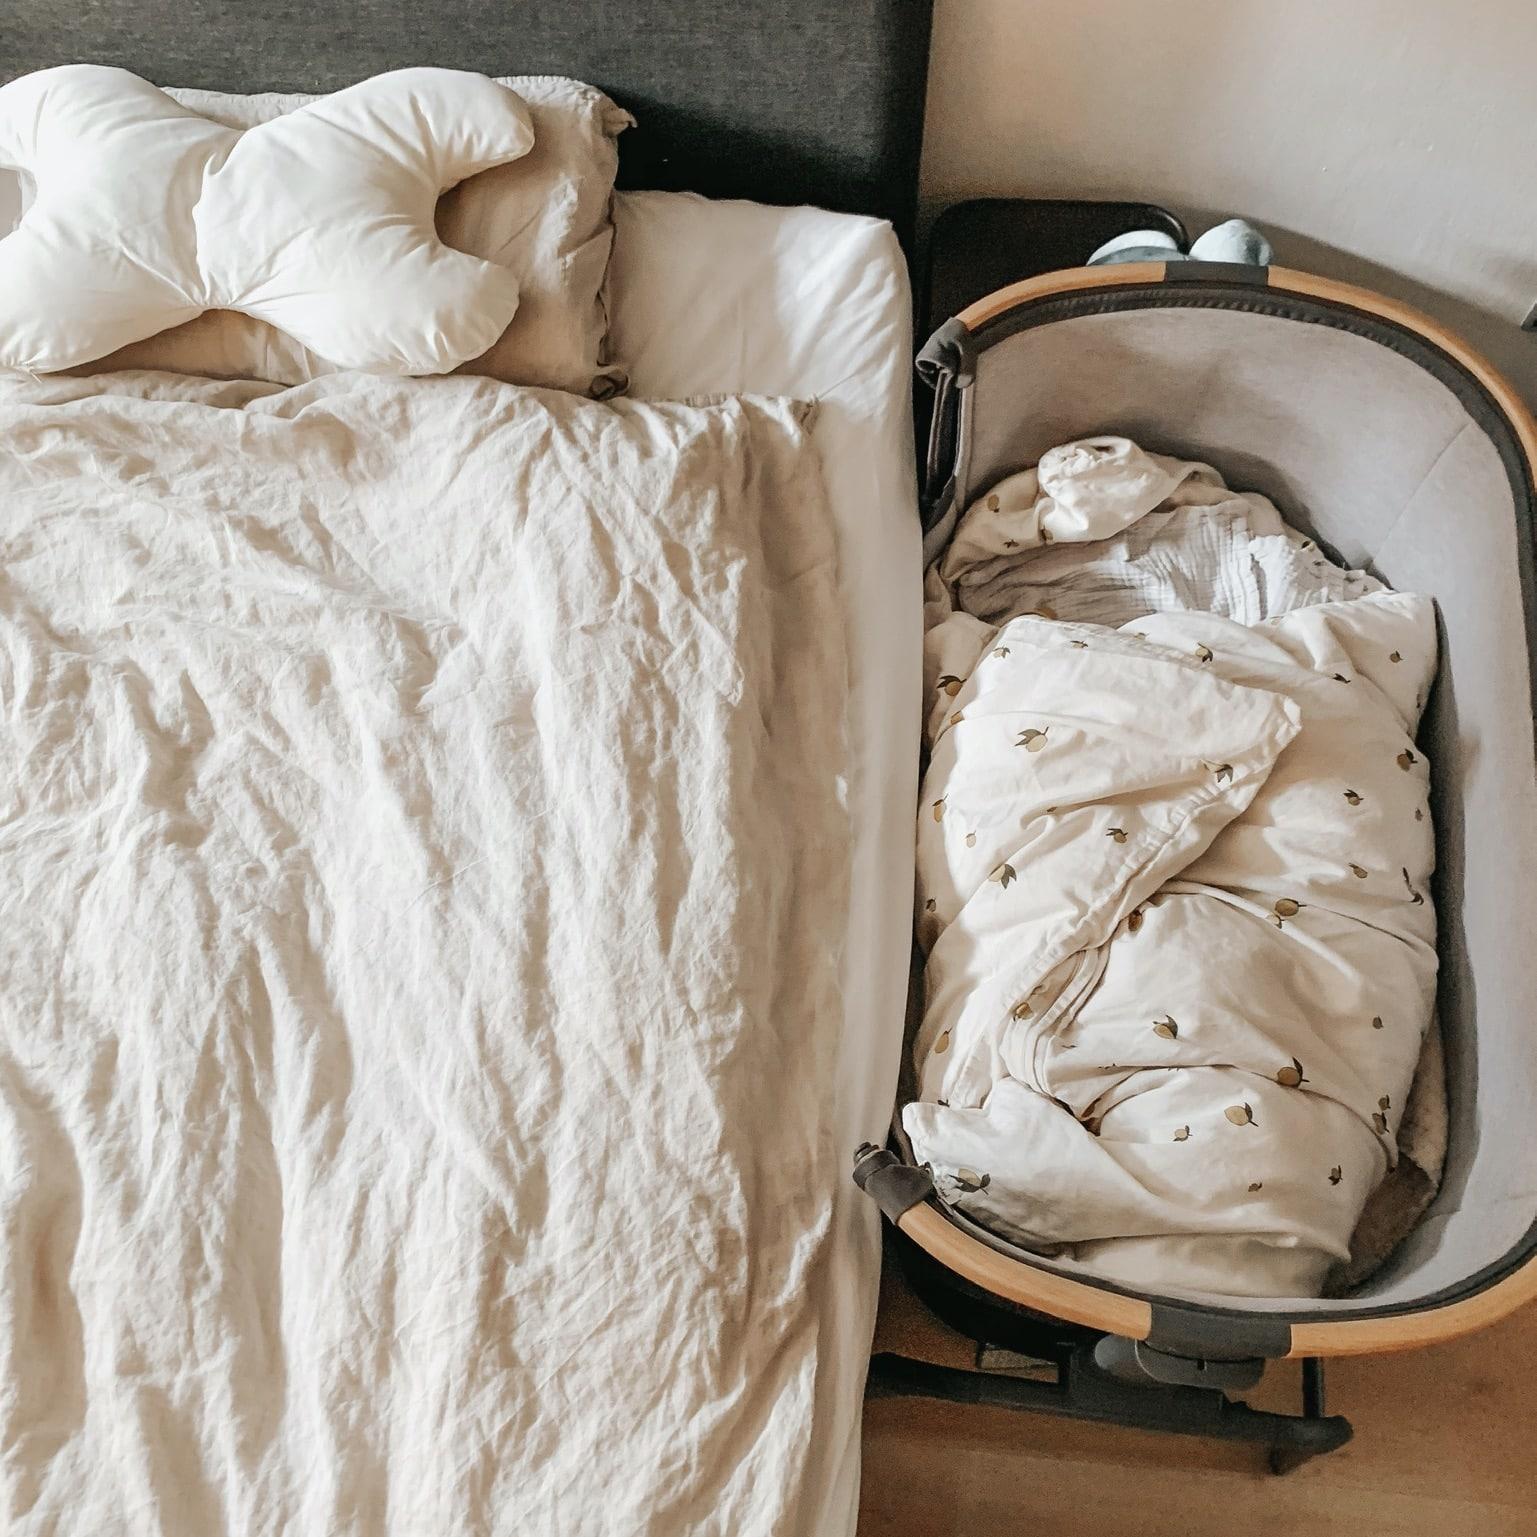 iOra bedside crib Maxi cosi